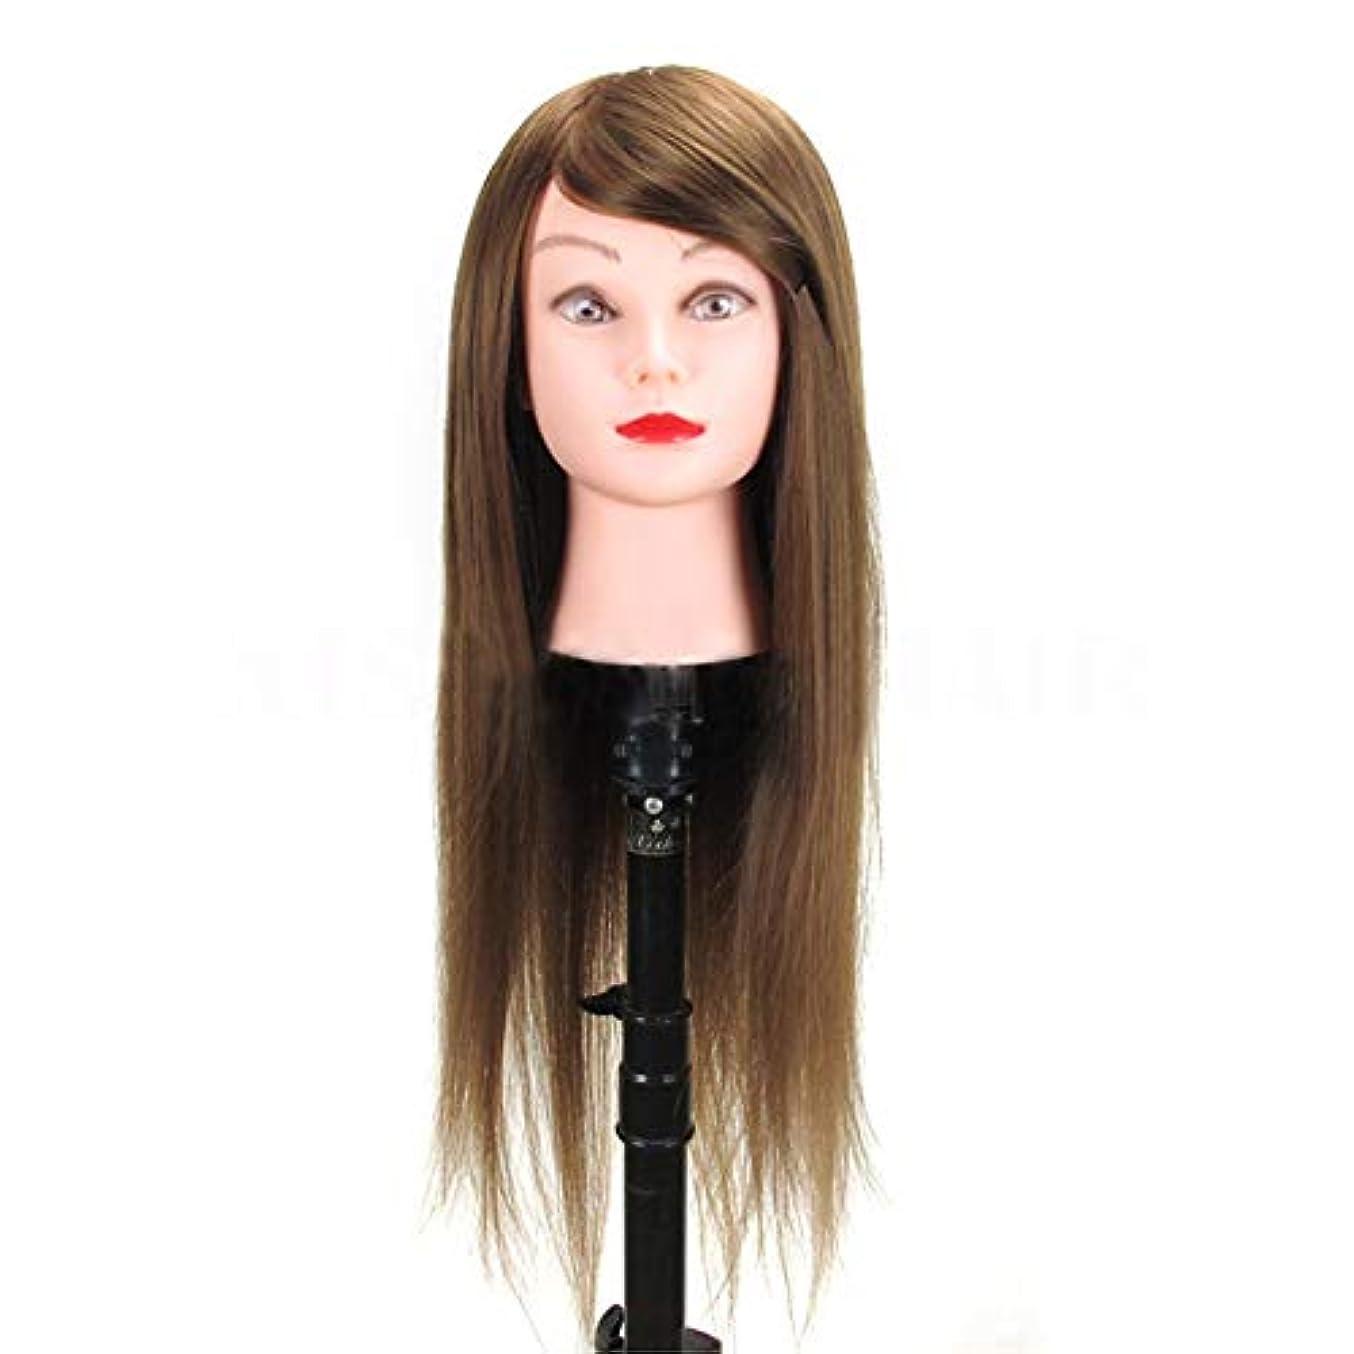 拳結晶慎重に高温シルク編組ヘアスタイリングヘッドモデル理髪店理髪ダミーヘッド化粧練習マネキンヘッド